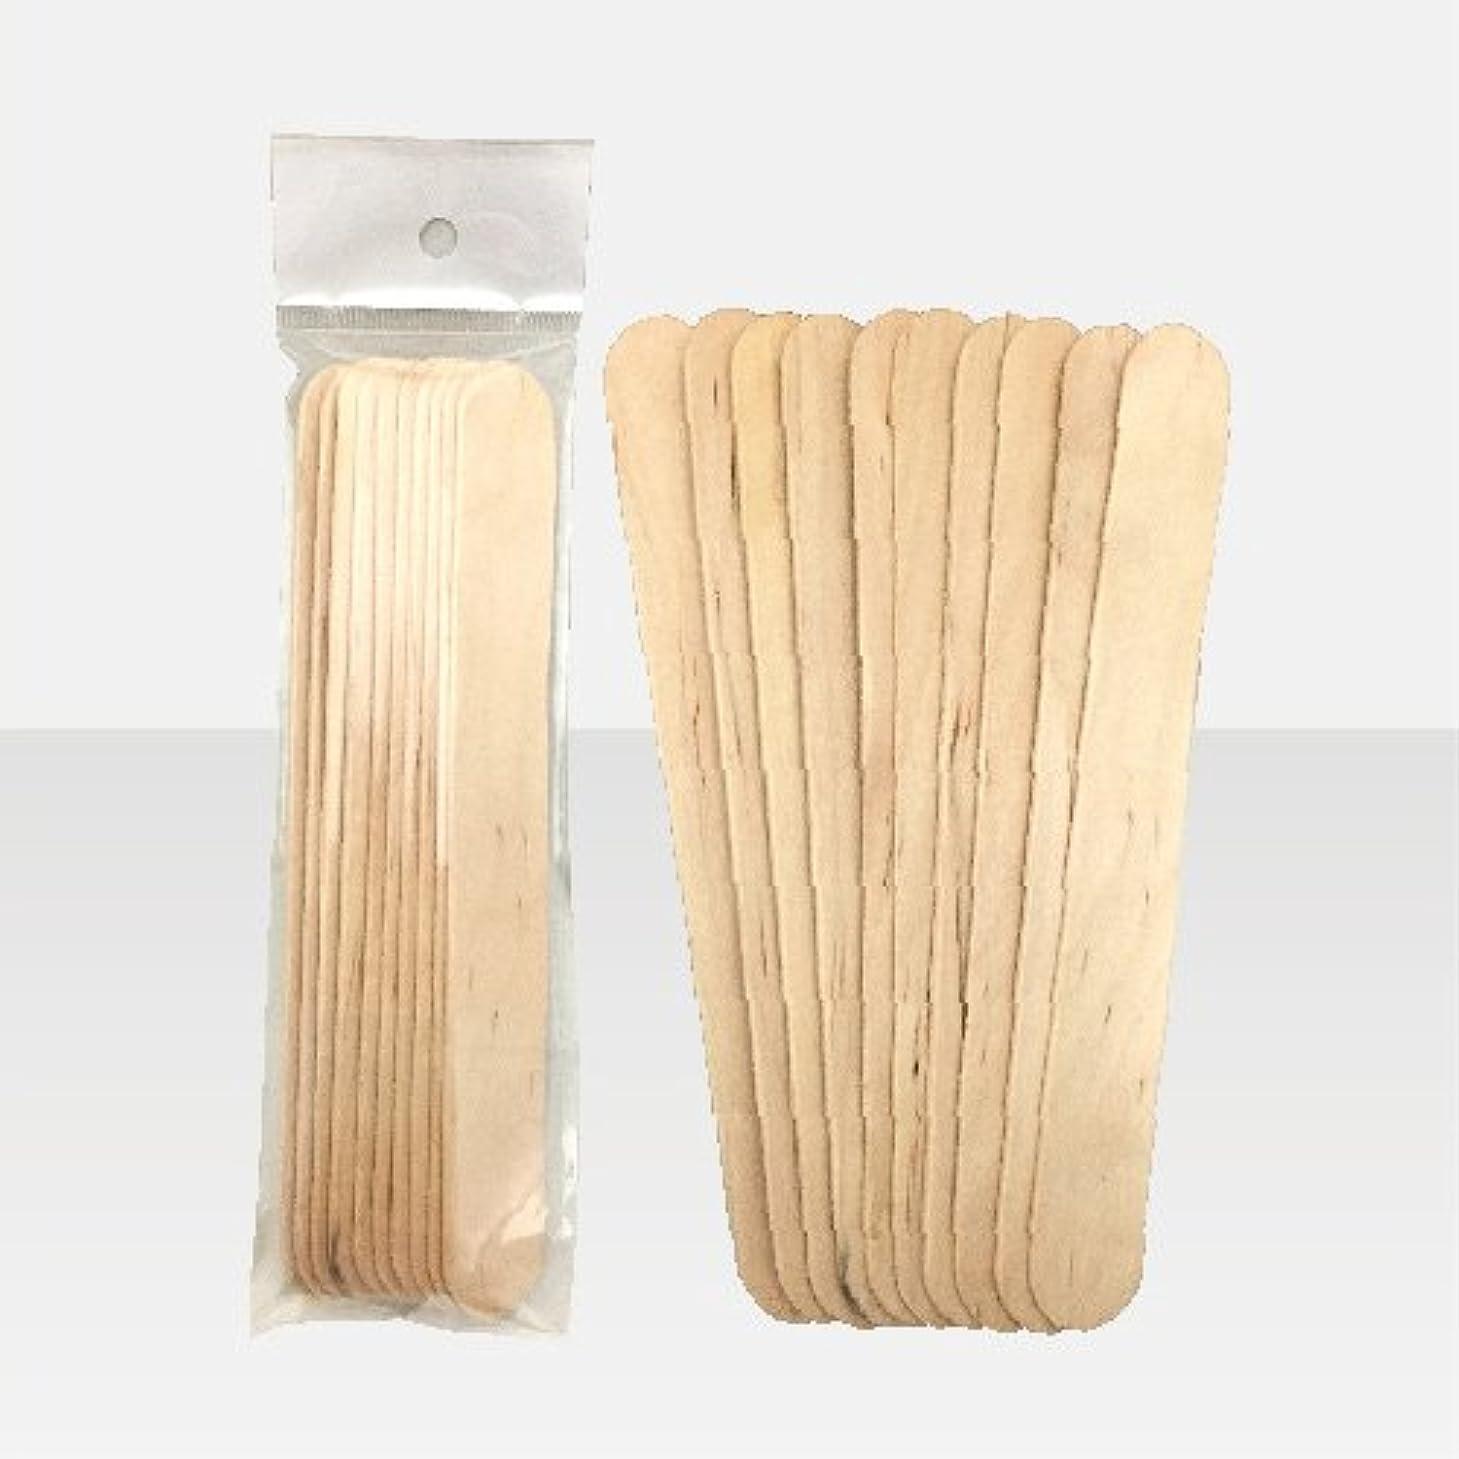 おなかがすいた聖域凶暴なブラジリアンワックス 脱毛ワックス用  ワックススパチュラ 木ベラ /10本セット Mサイズ